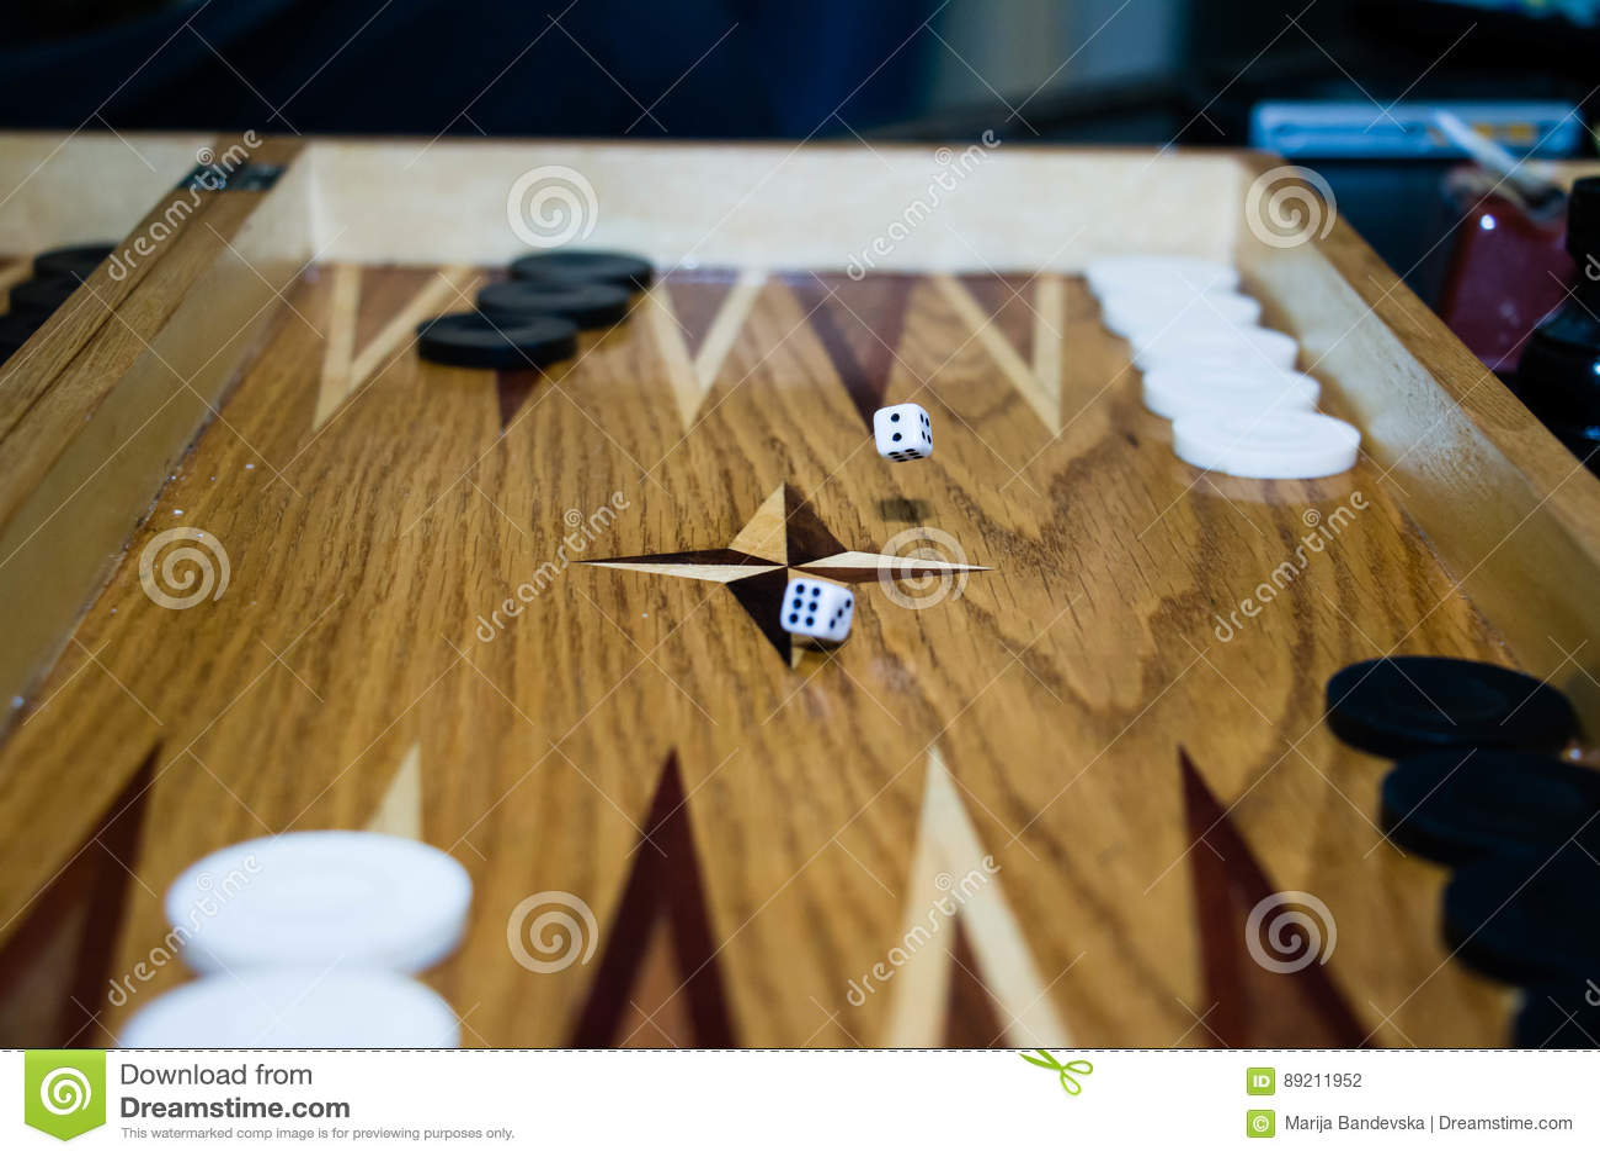 Spelgebied in een backgammon met kubussen en tellers